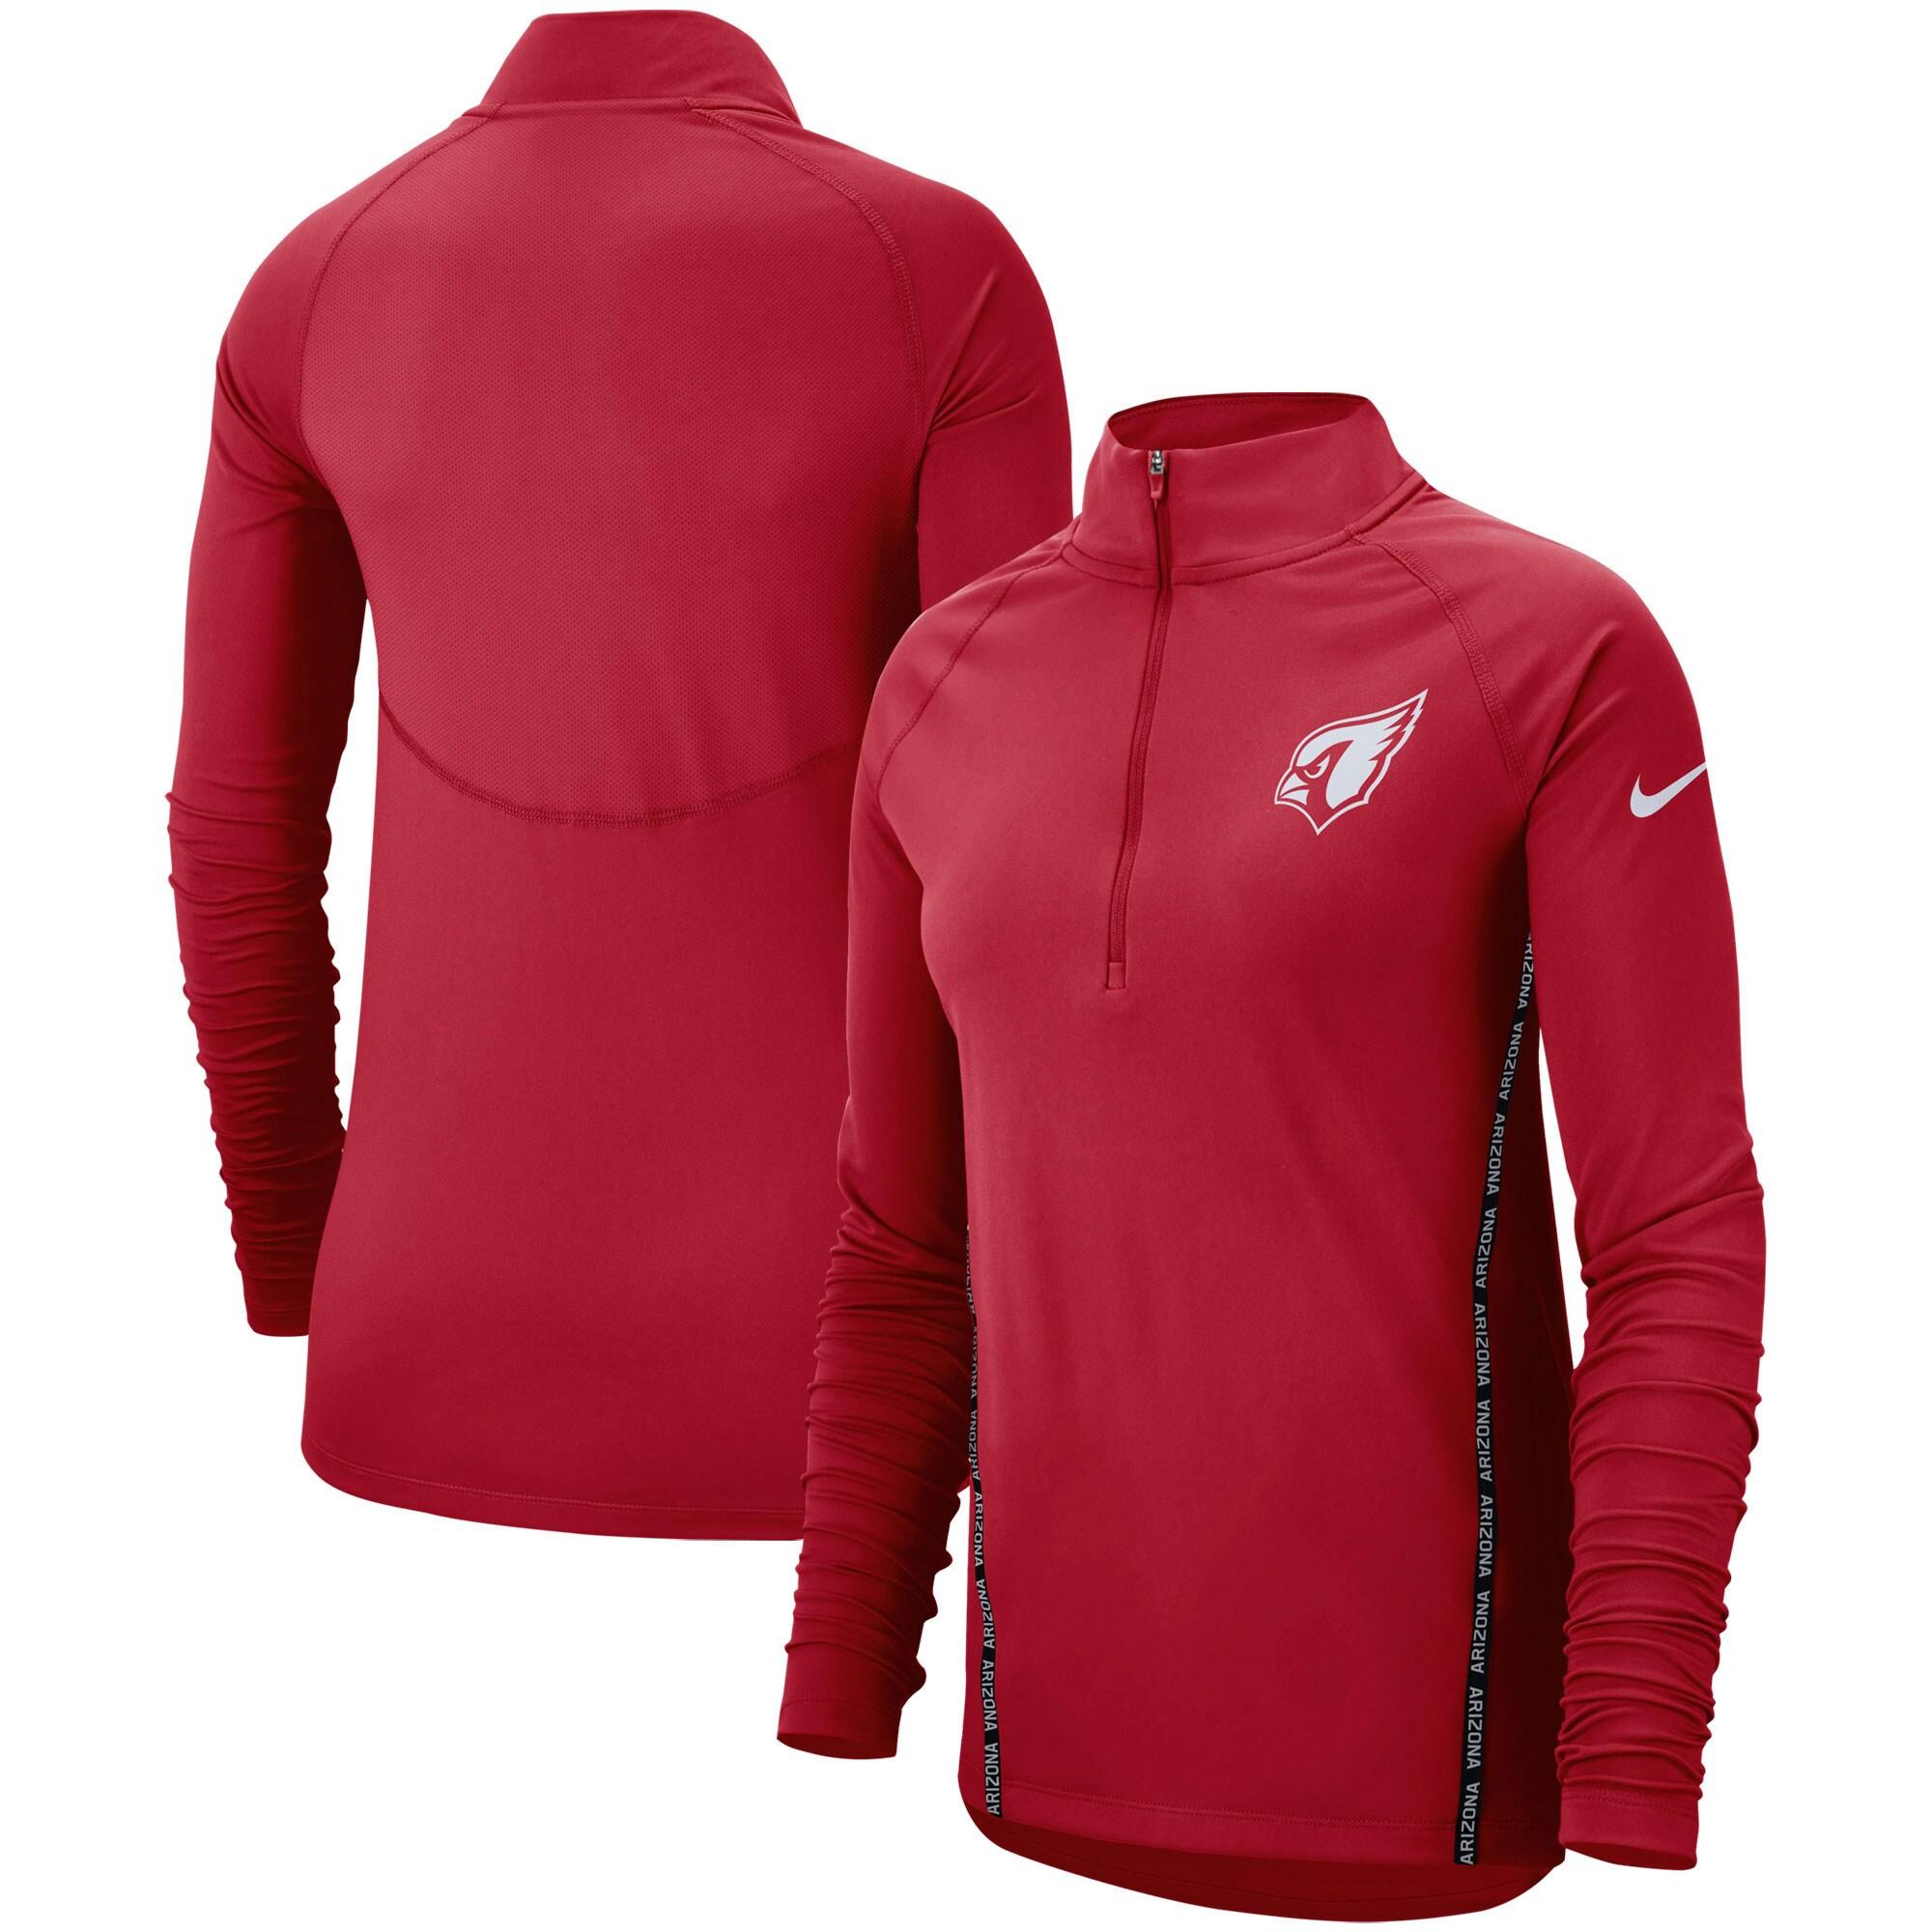 Arizona Cardinals Nike Women's Core Half-Zip Pullover Jacket - Cardinal